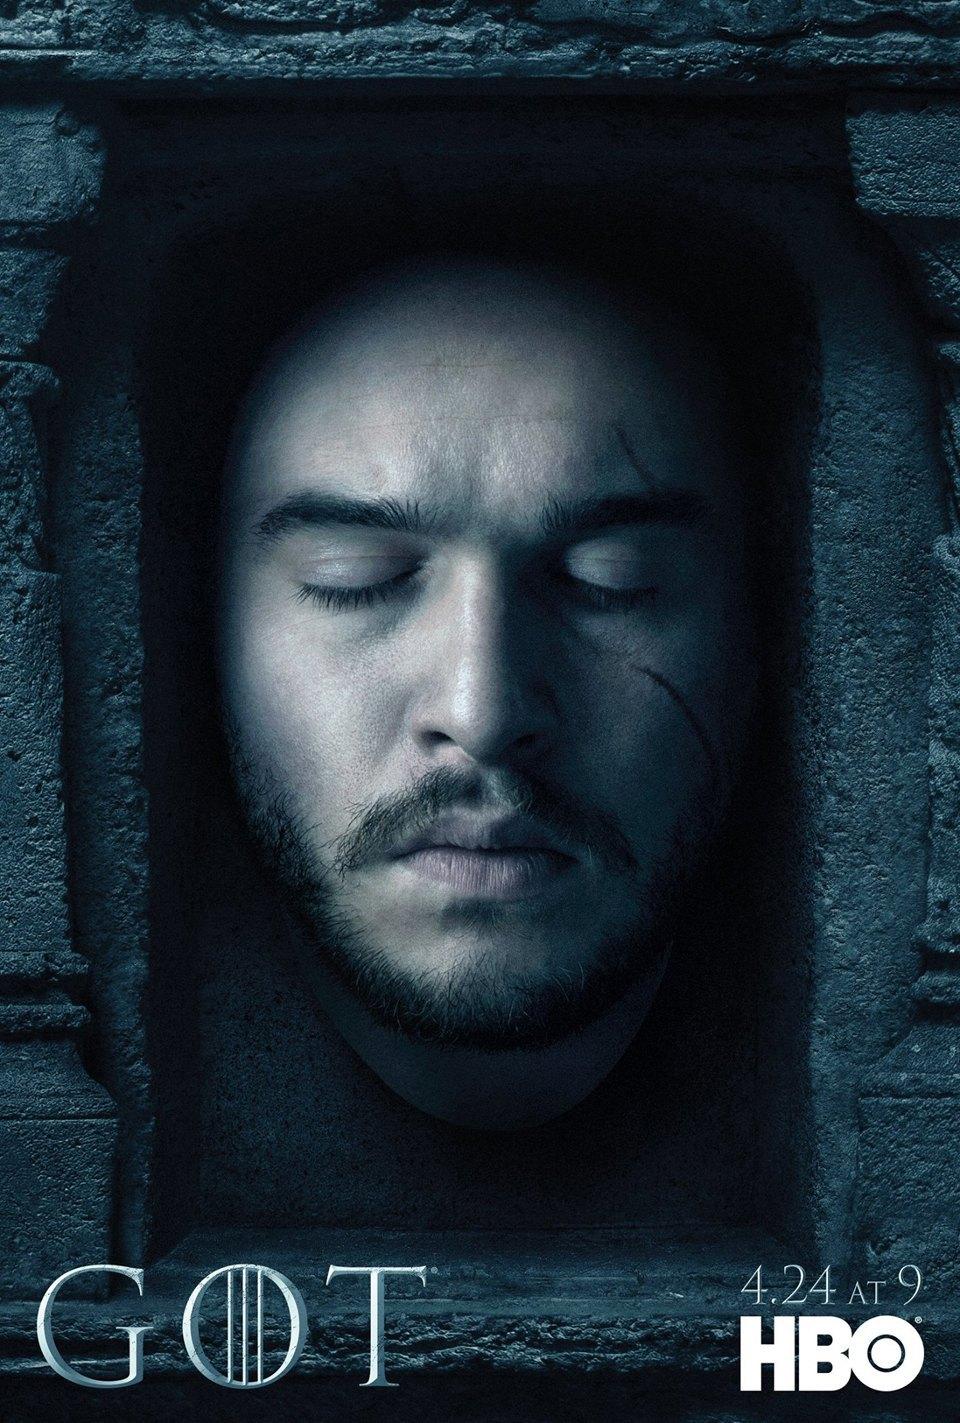 Постеры с героями «Игры престолов» к новому сезону. Изображение № 1.